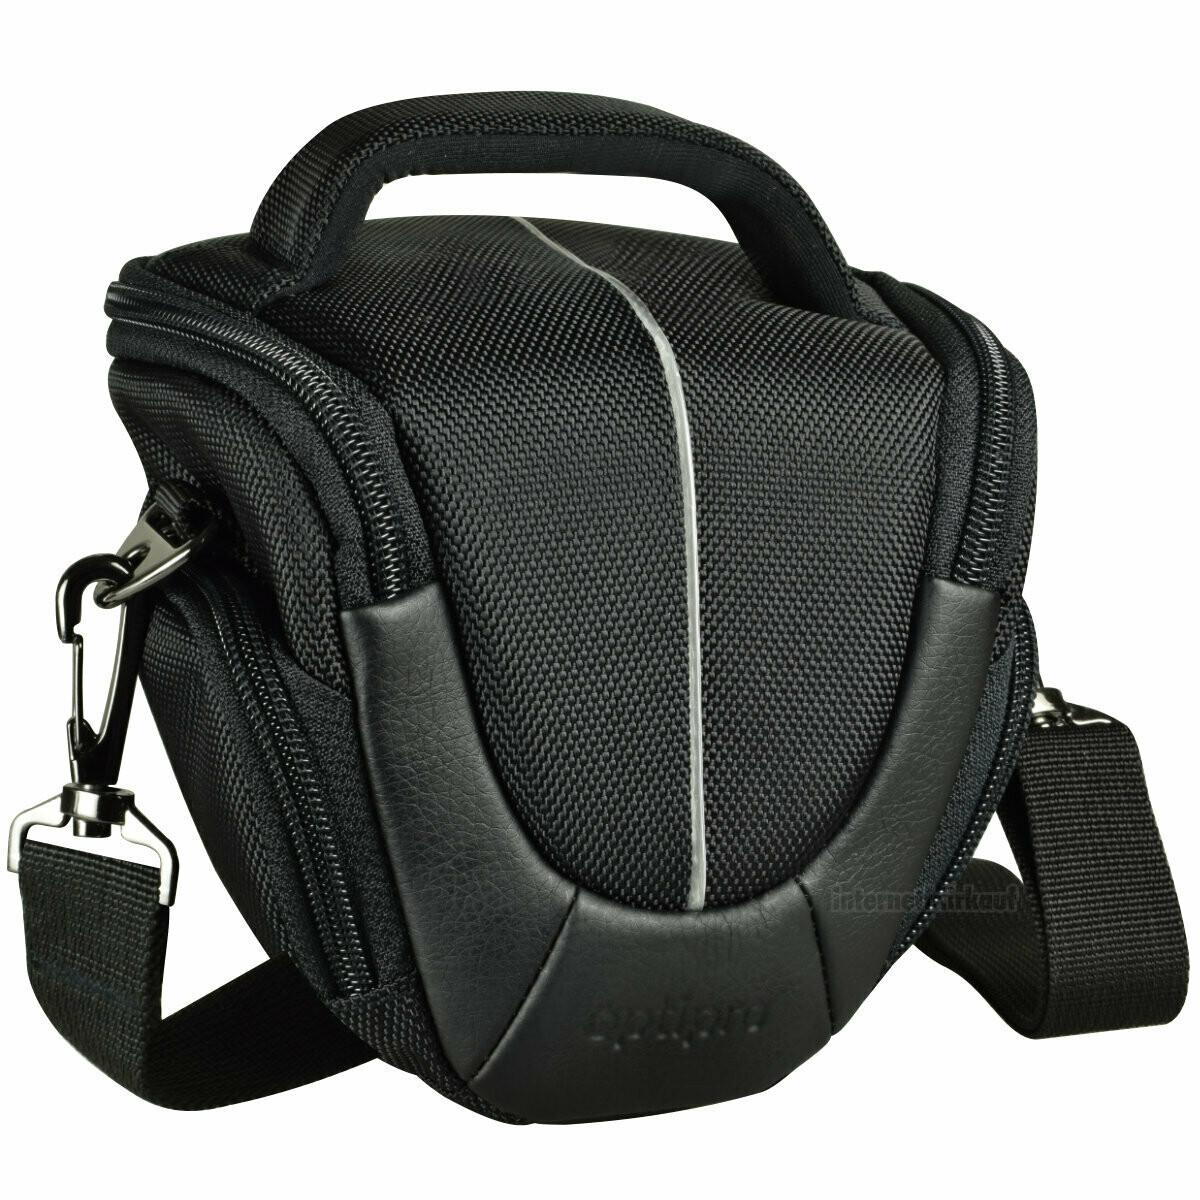 Fototasche passend für Panasonic Lumix FZ62 FZ200 - Kameratasche